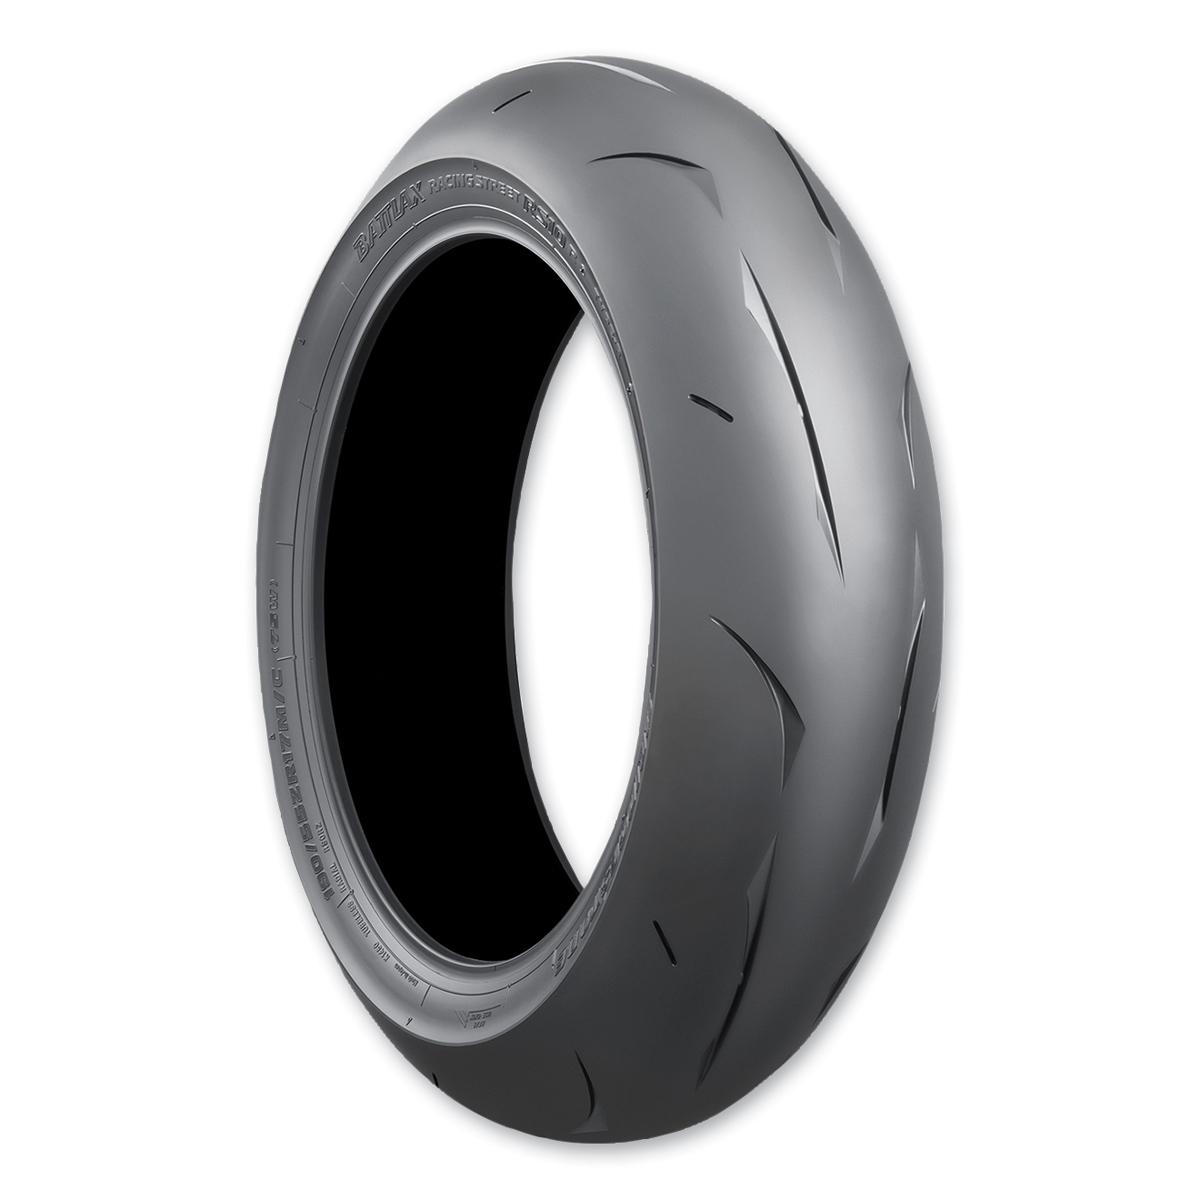 Bridgestone RS10-E 190/55ZR17 Rear Tire